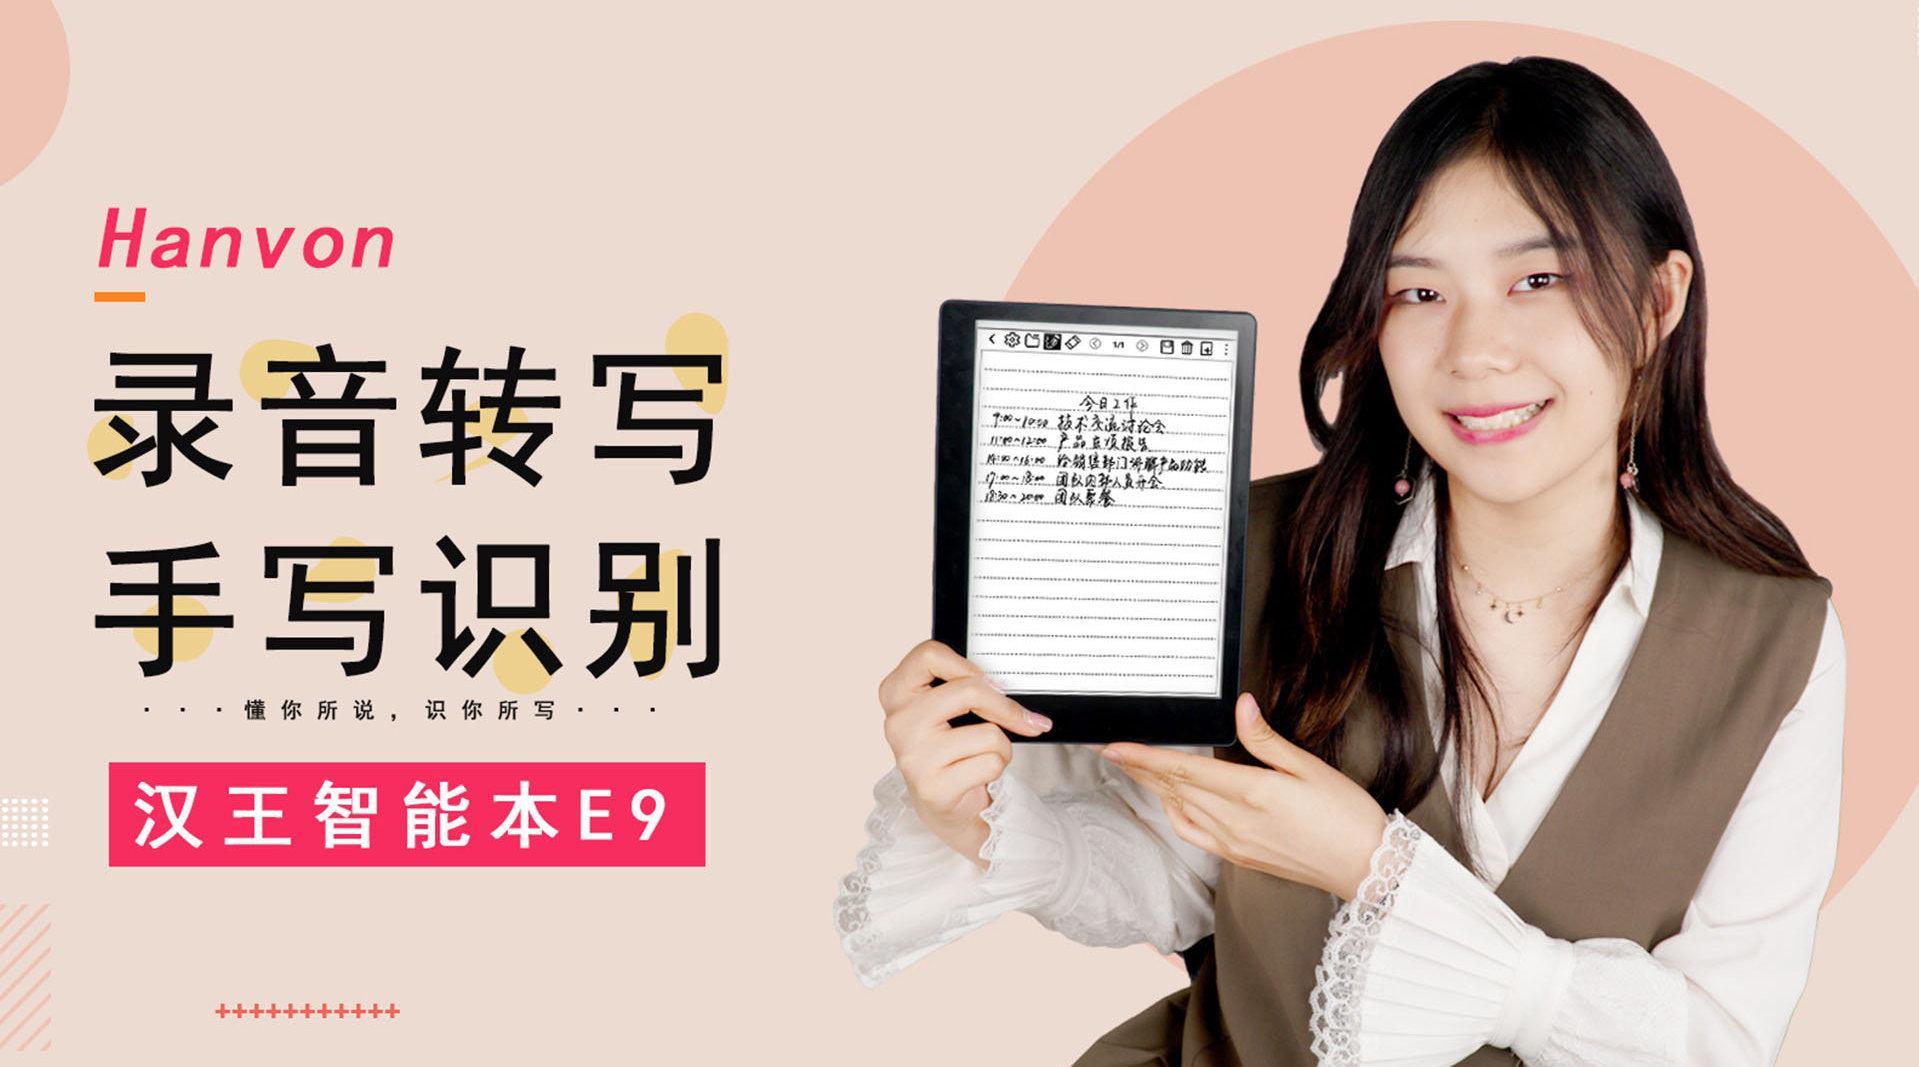 汉王智能本E9体验:录音转写、手写识别……